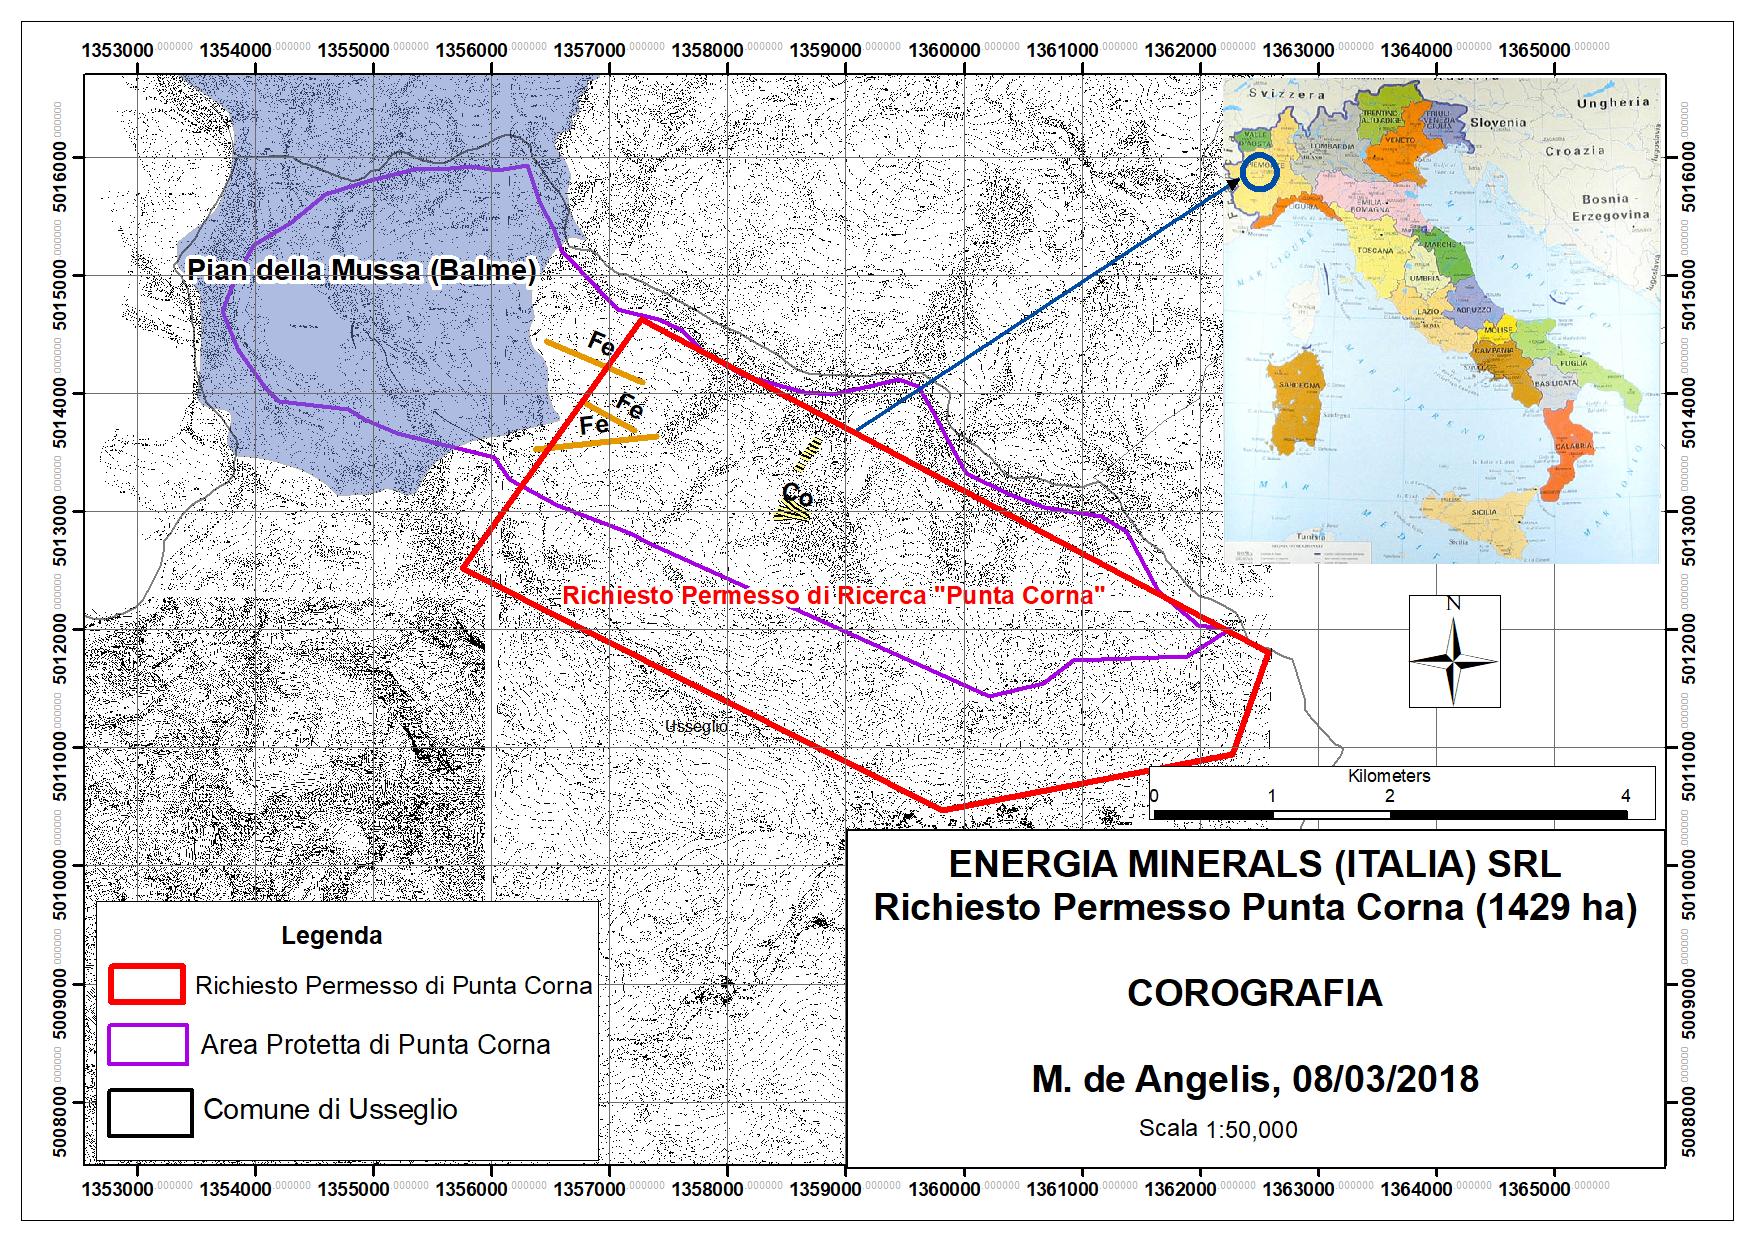 Hattusas - Usseglio - Richiesta Permesso Minerario Punta Corna